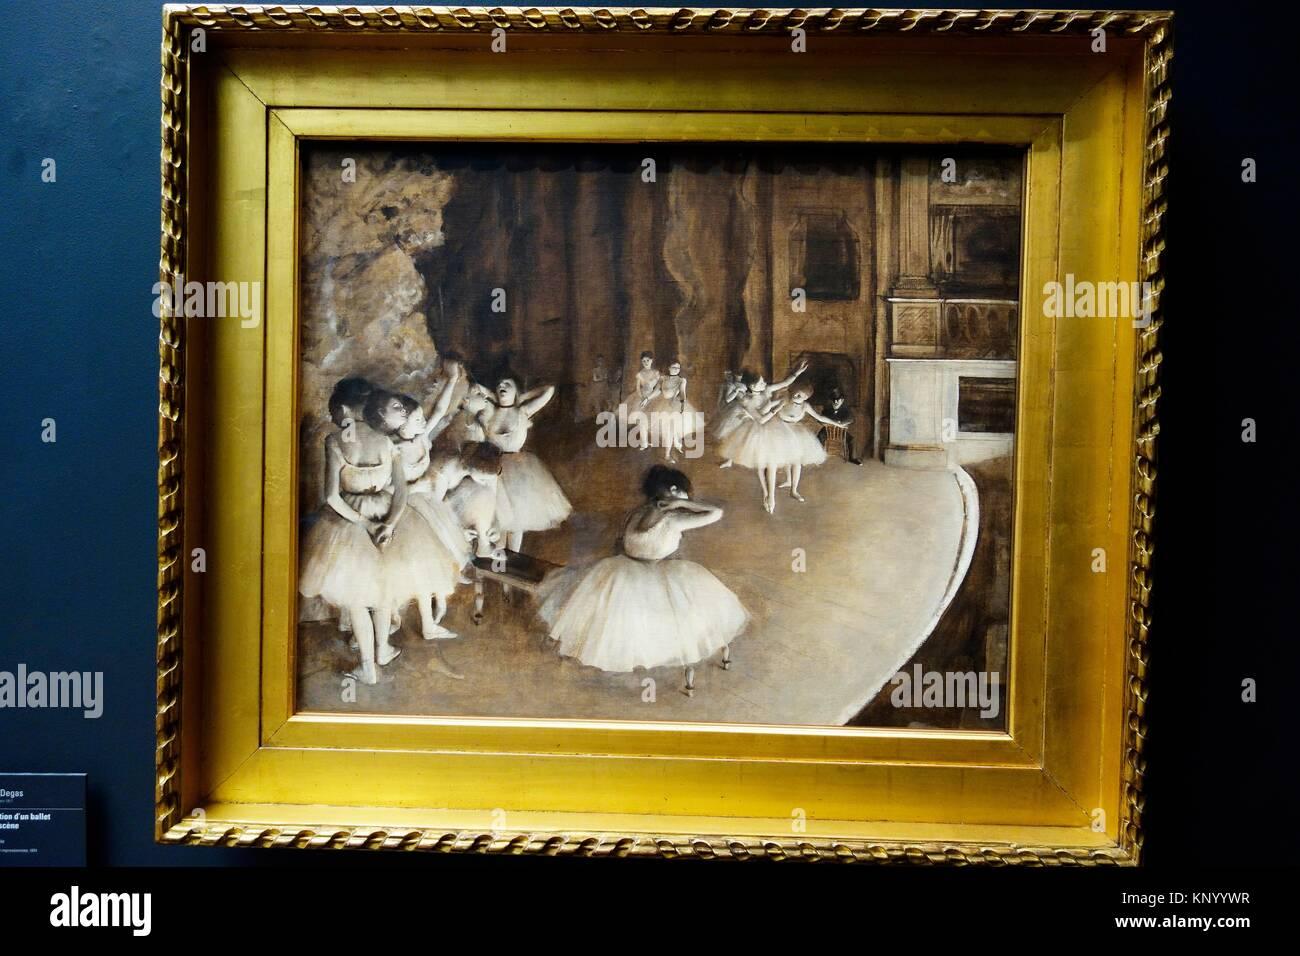 La répétition d'un ballet sur la scène. 1874. Edgar Degas. Musée d'Orsay. Paris. La Photo Stock